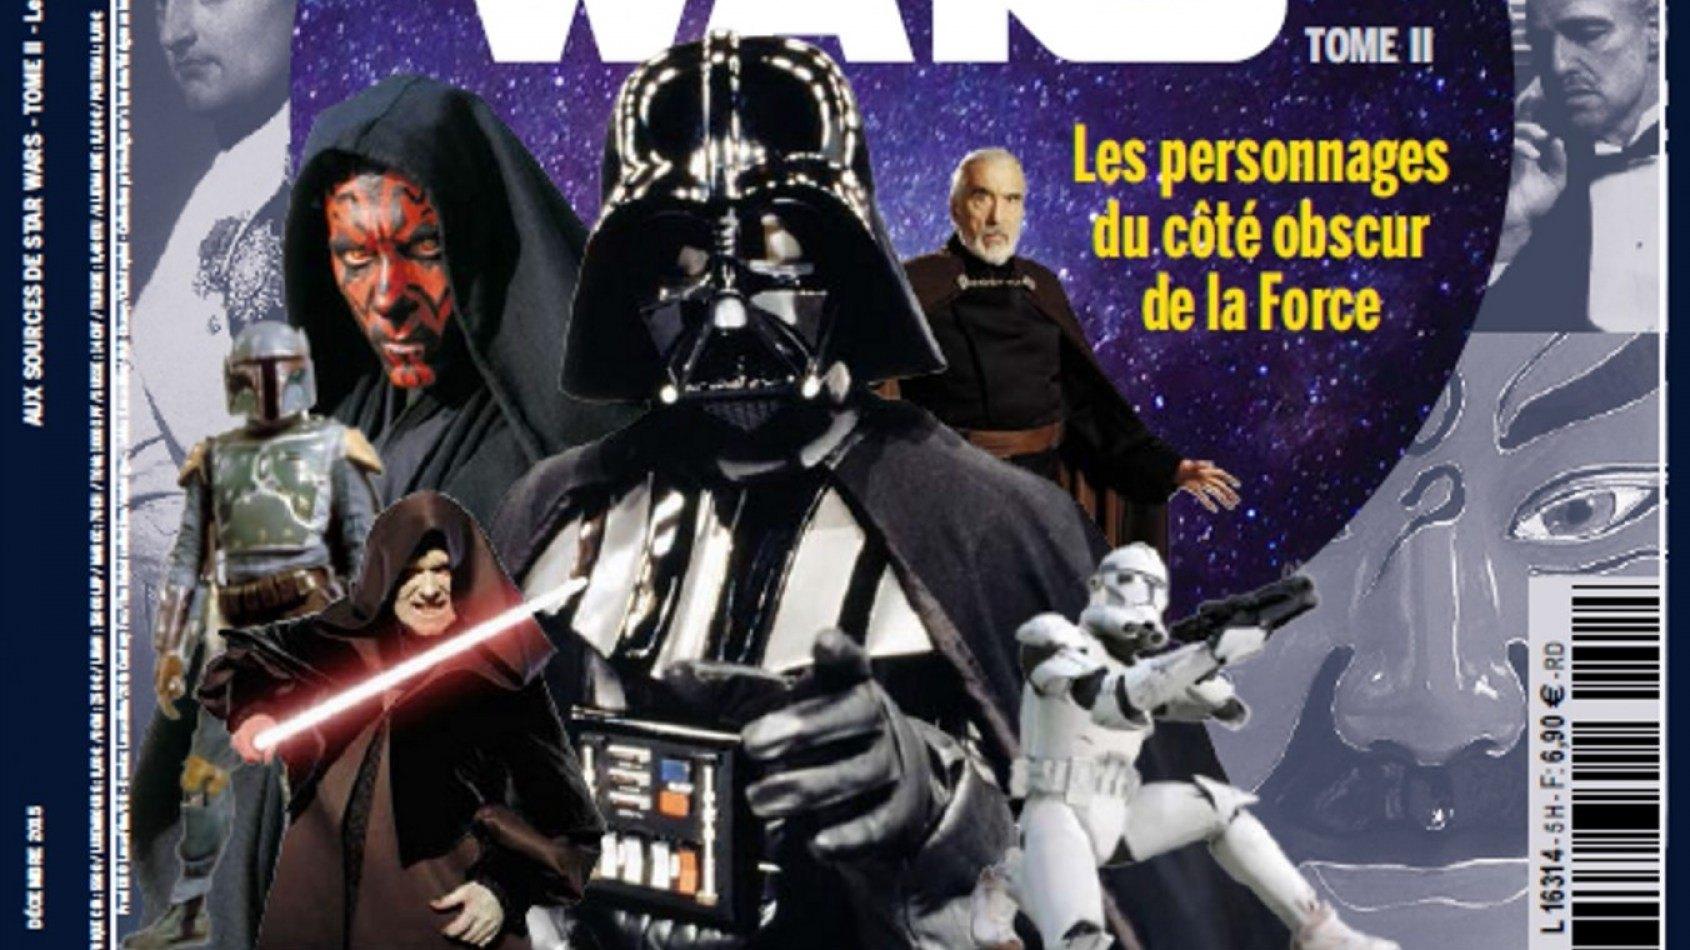 Un nouveau Hors Série du magazine Le Point consacré à Star Wars